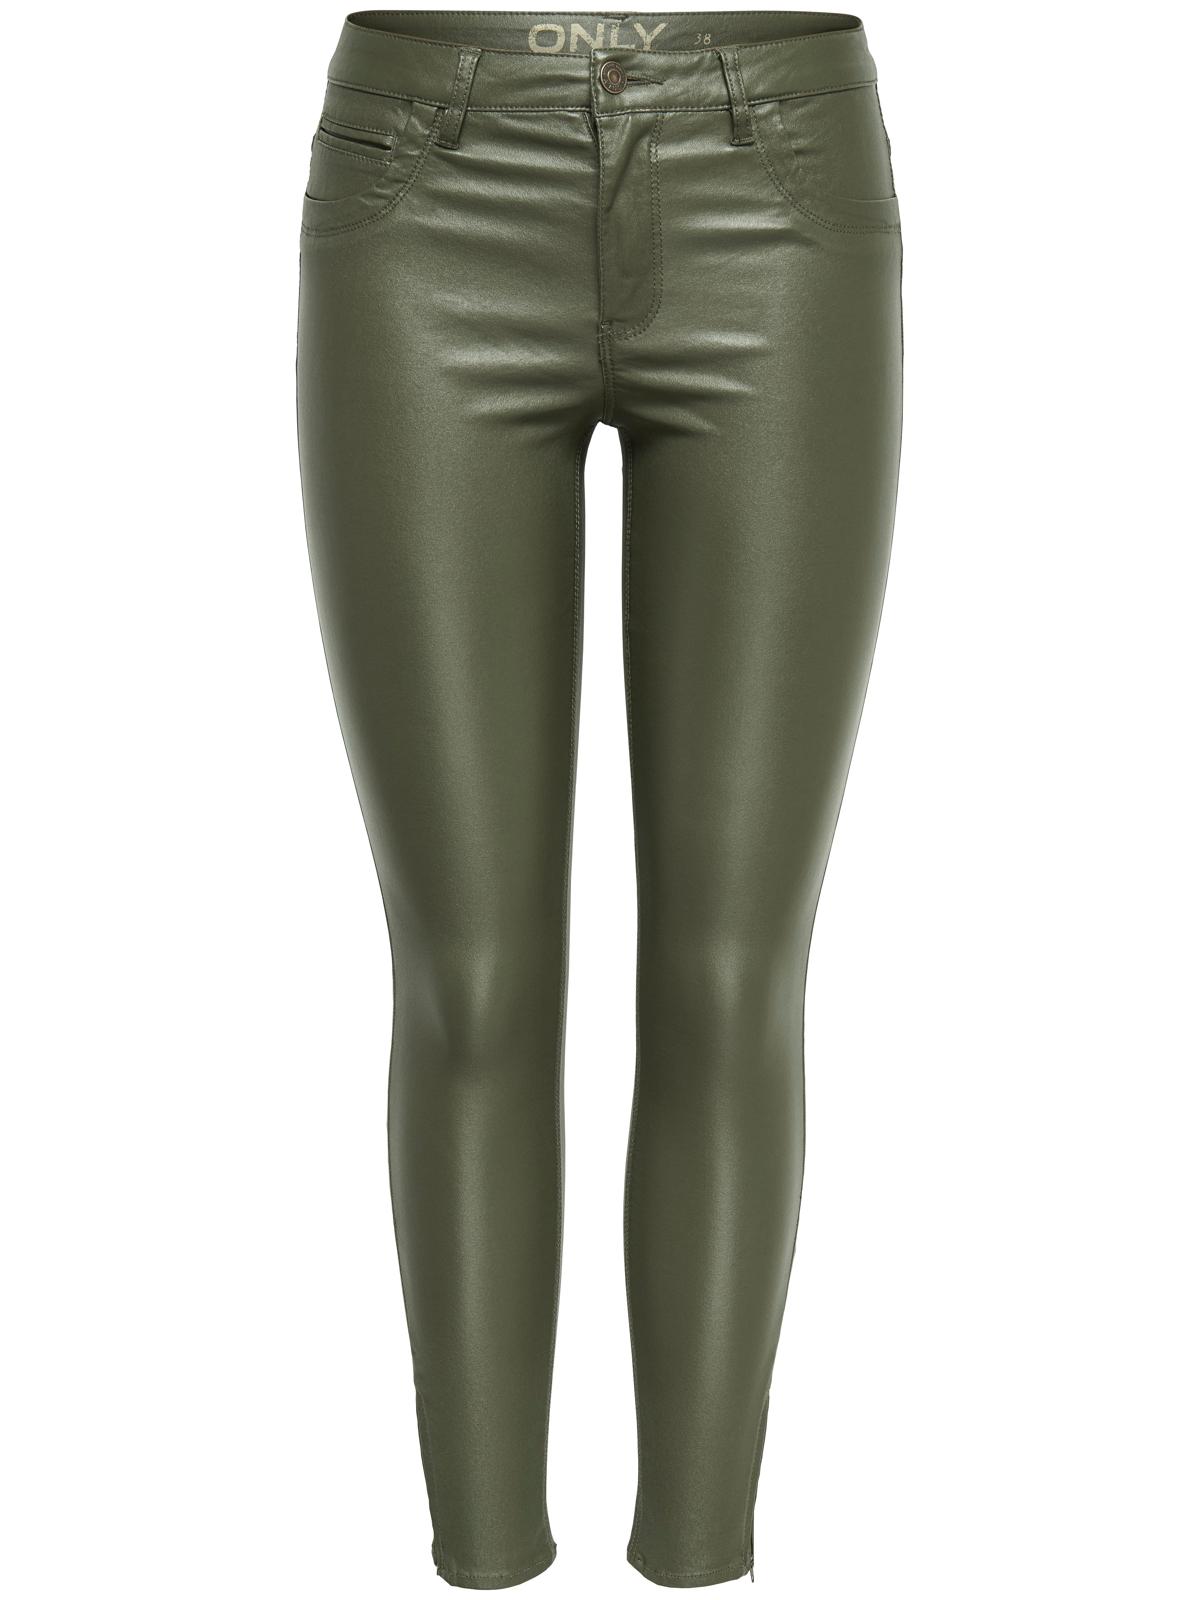 only damen skinny jeans onlkendell reg sk ank coated 15148275 damen jeans. Black Bedroom Furniture Sets. Home Design Ideas